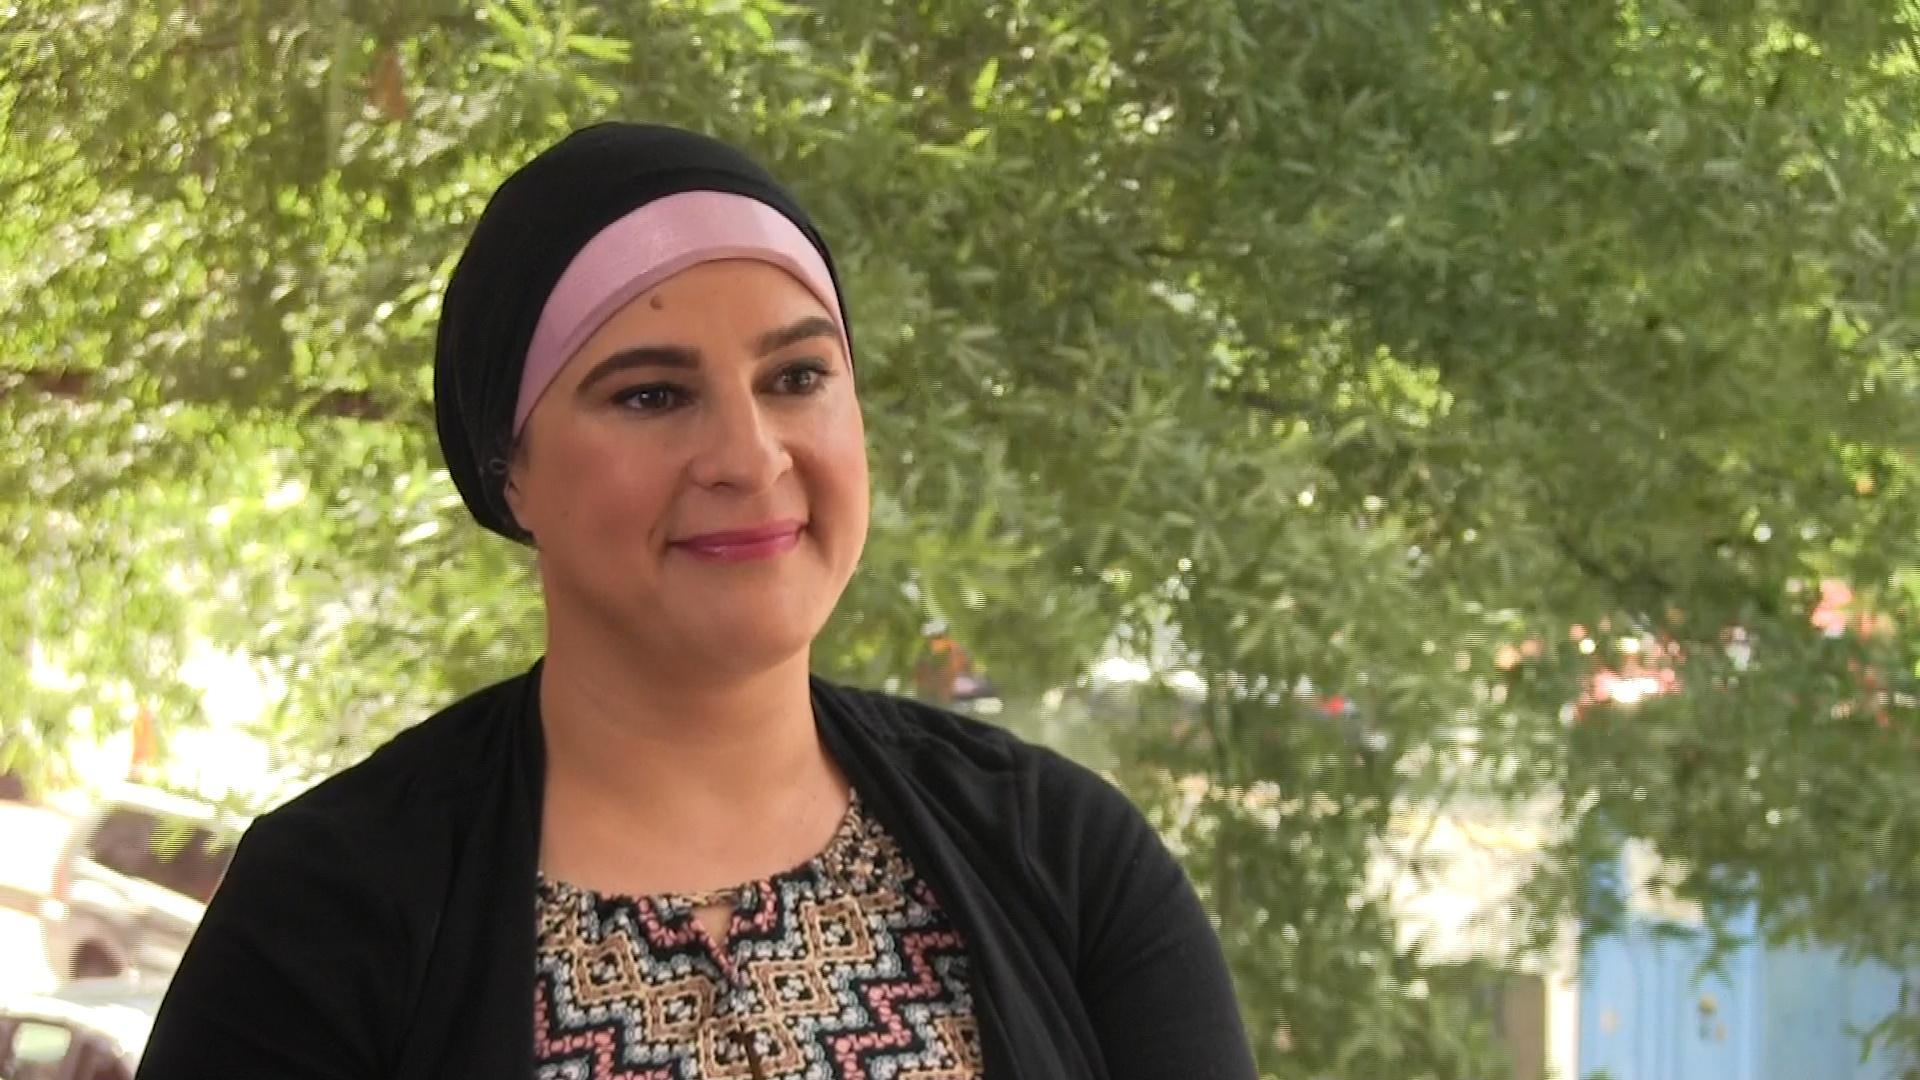 Manal Omar, Crossing Red Lines